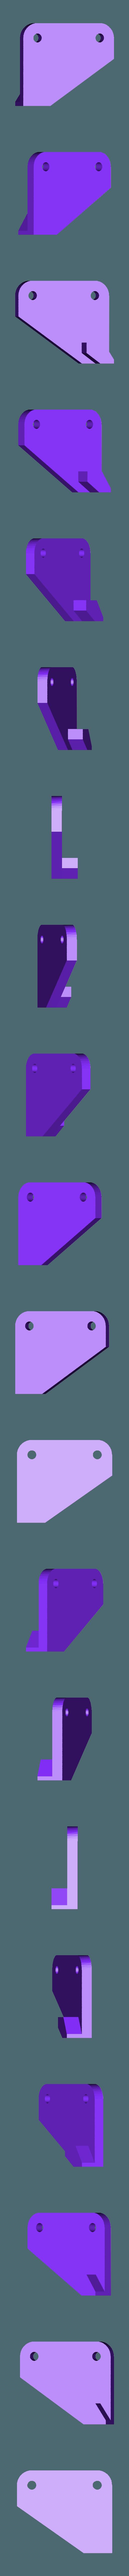 Truck_V4_Frame_D2ACC.STL Download STL file 3D Printed Rc Truck V4 • 3D printable template, MrCrankyface